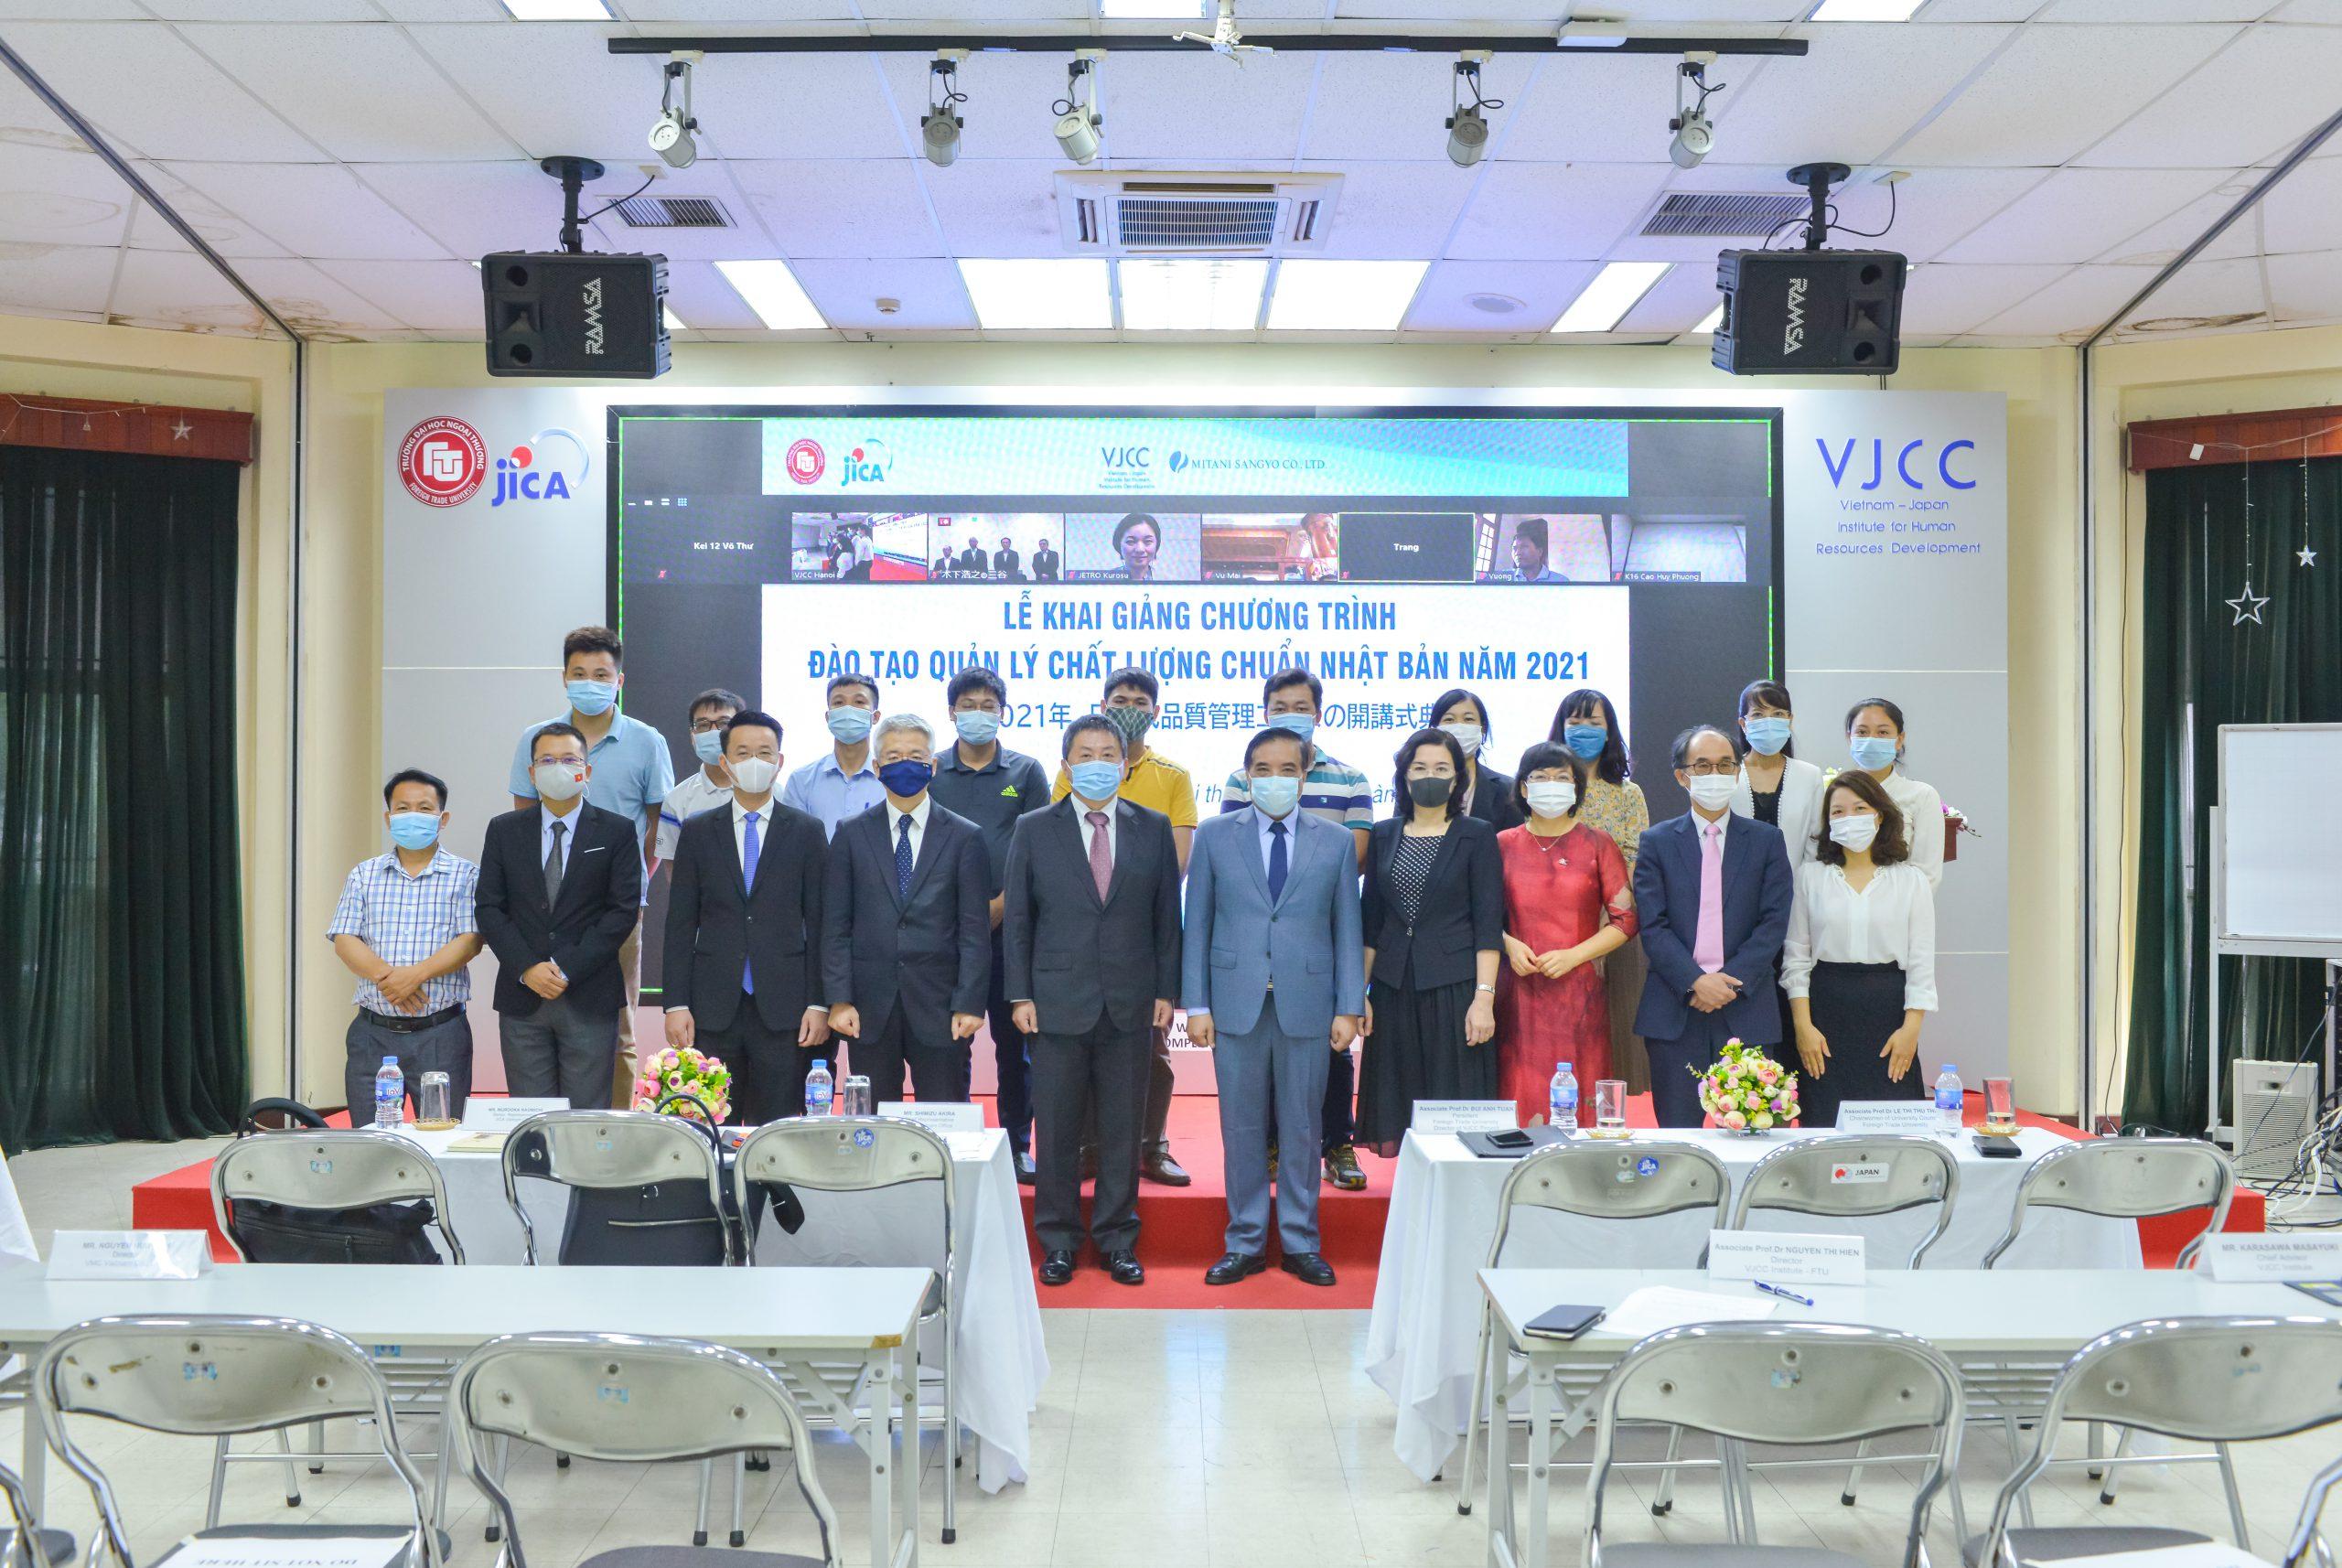 ベトナム日本人材開発インスティチュートと三谷産業株式会社の協力による新しい日本式品質管理コース開講式典の開催について